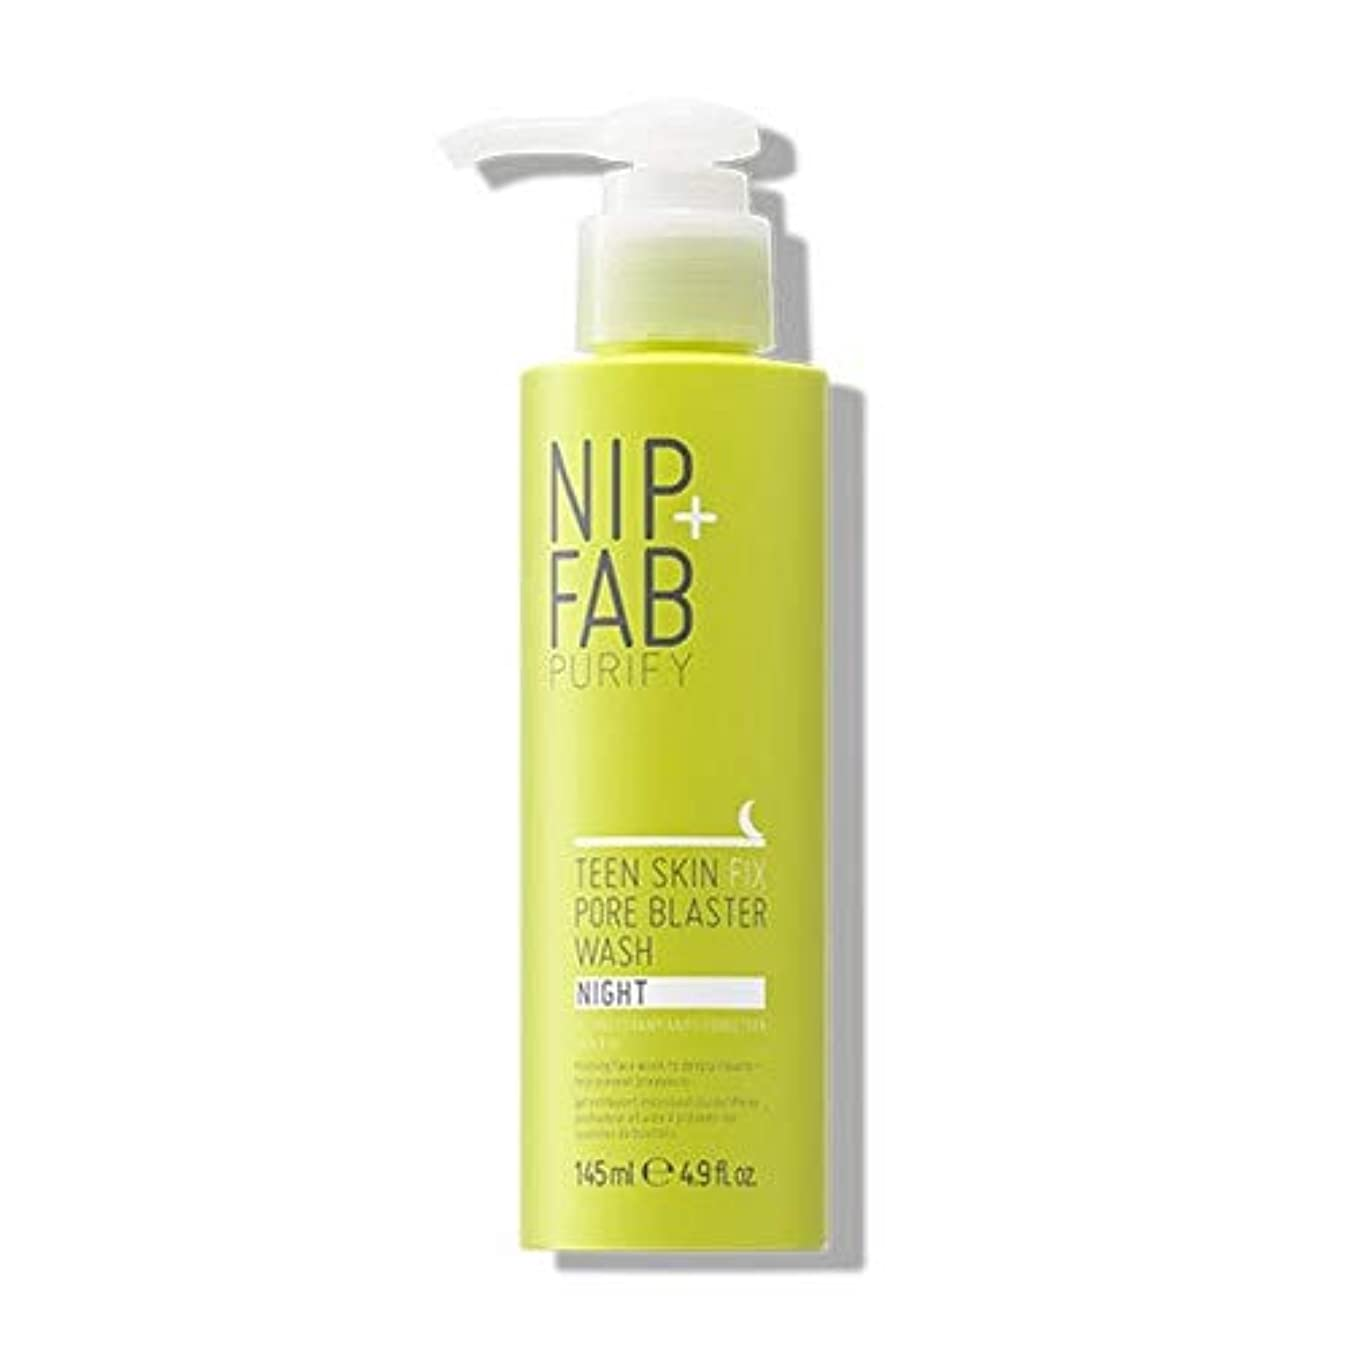 流発信端[Nip & Fab ] + Fab十代の肌の修正細孔ブラスターゼリーウォッシュ夜ニップ - Nip+Fab Teen Skin Fix Pore Blaster Jelly Wash Night [並行輸入品]